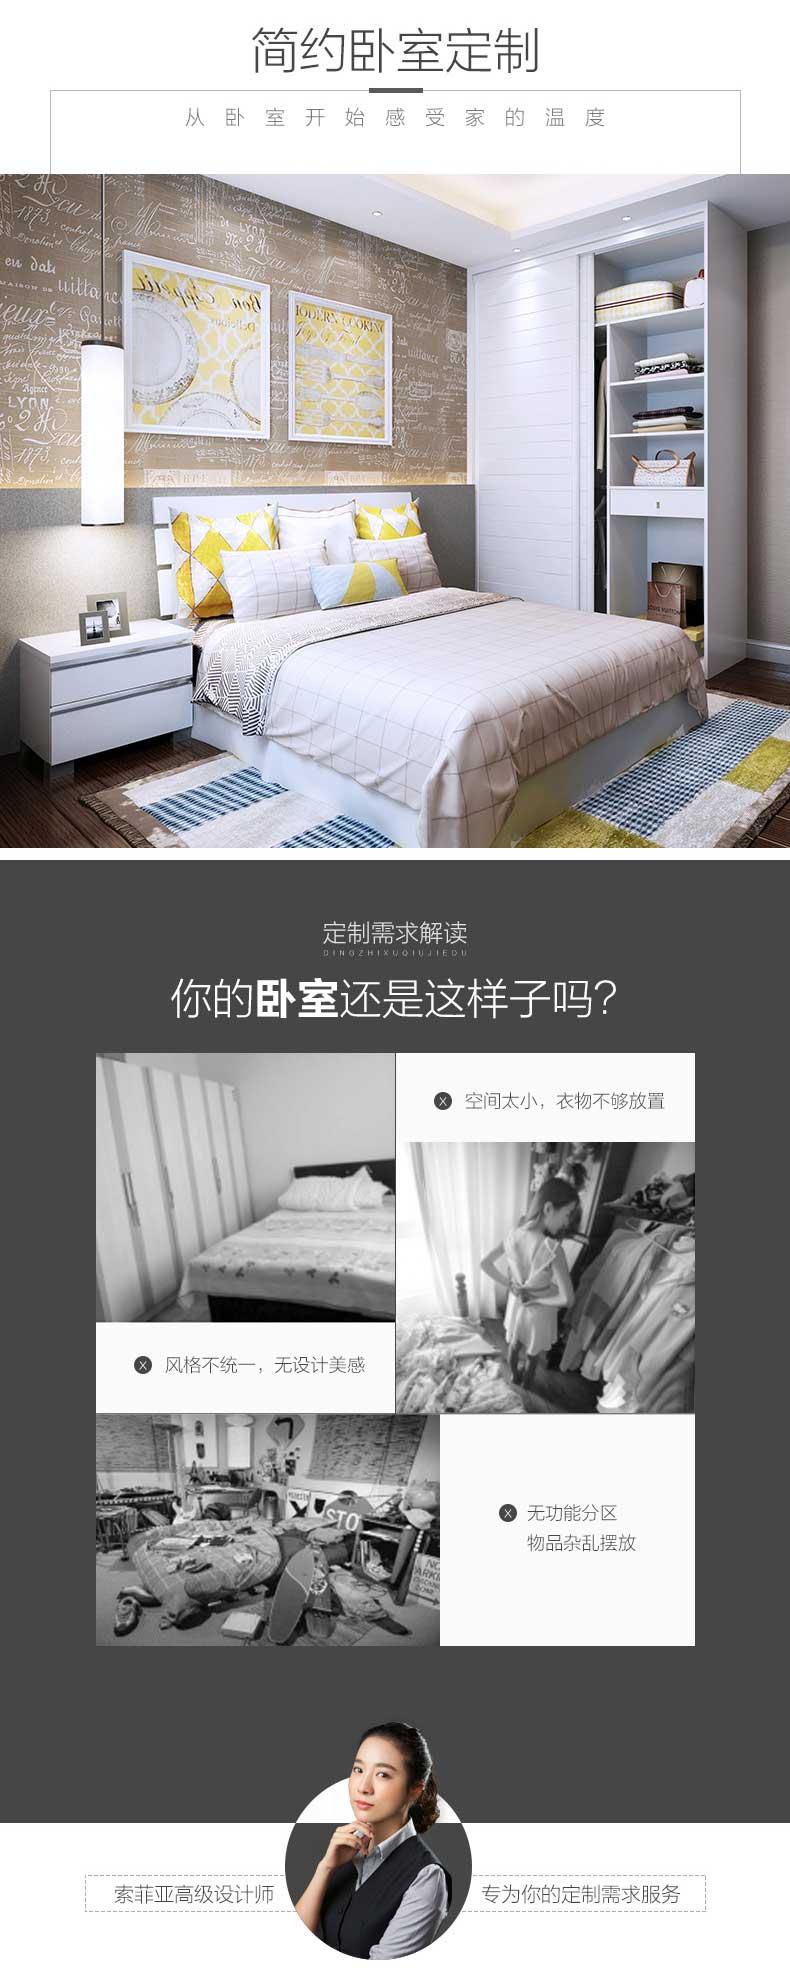 索菲亞-臥室家具三件套-整體衣柜定制_01.jpg